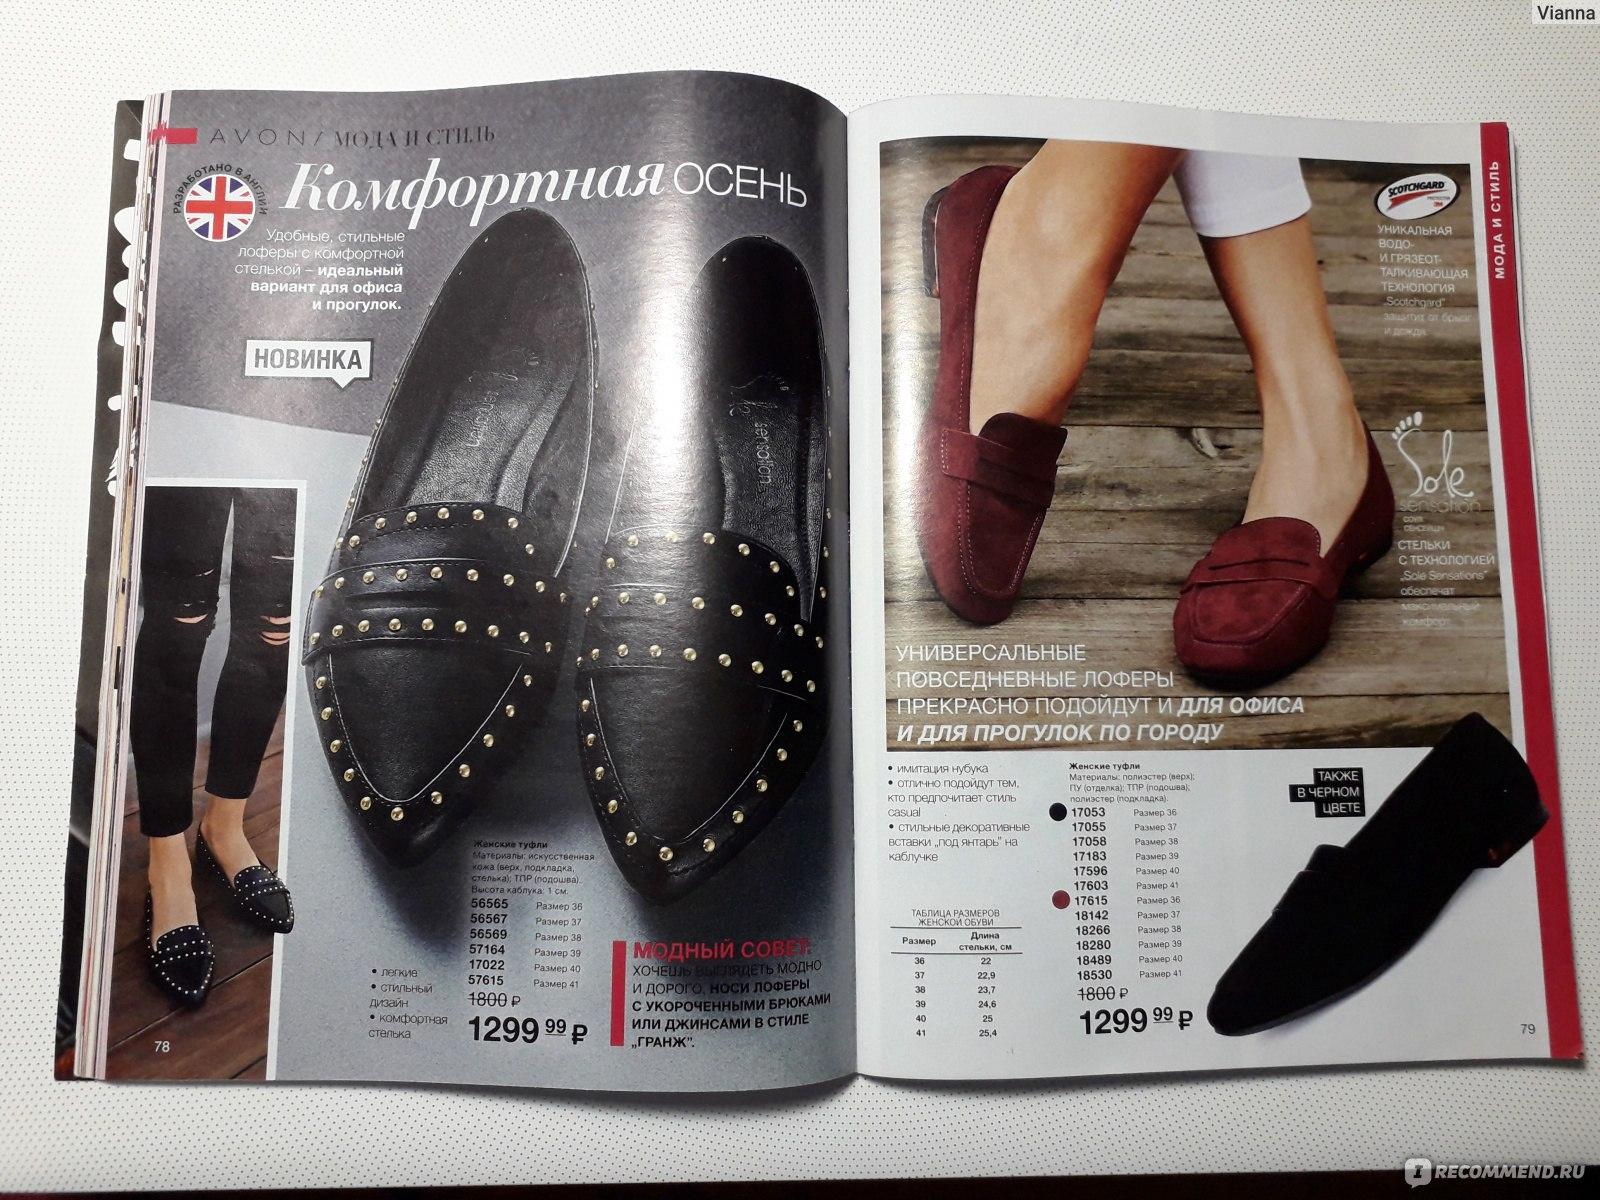 Avon обувь ммотреть серьги эйвонтс фианитами азура